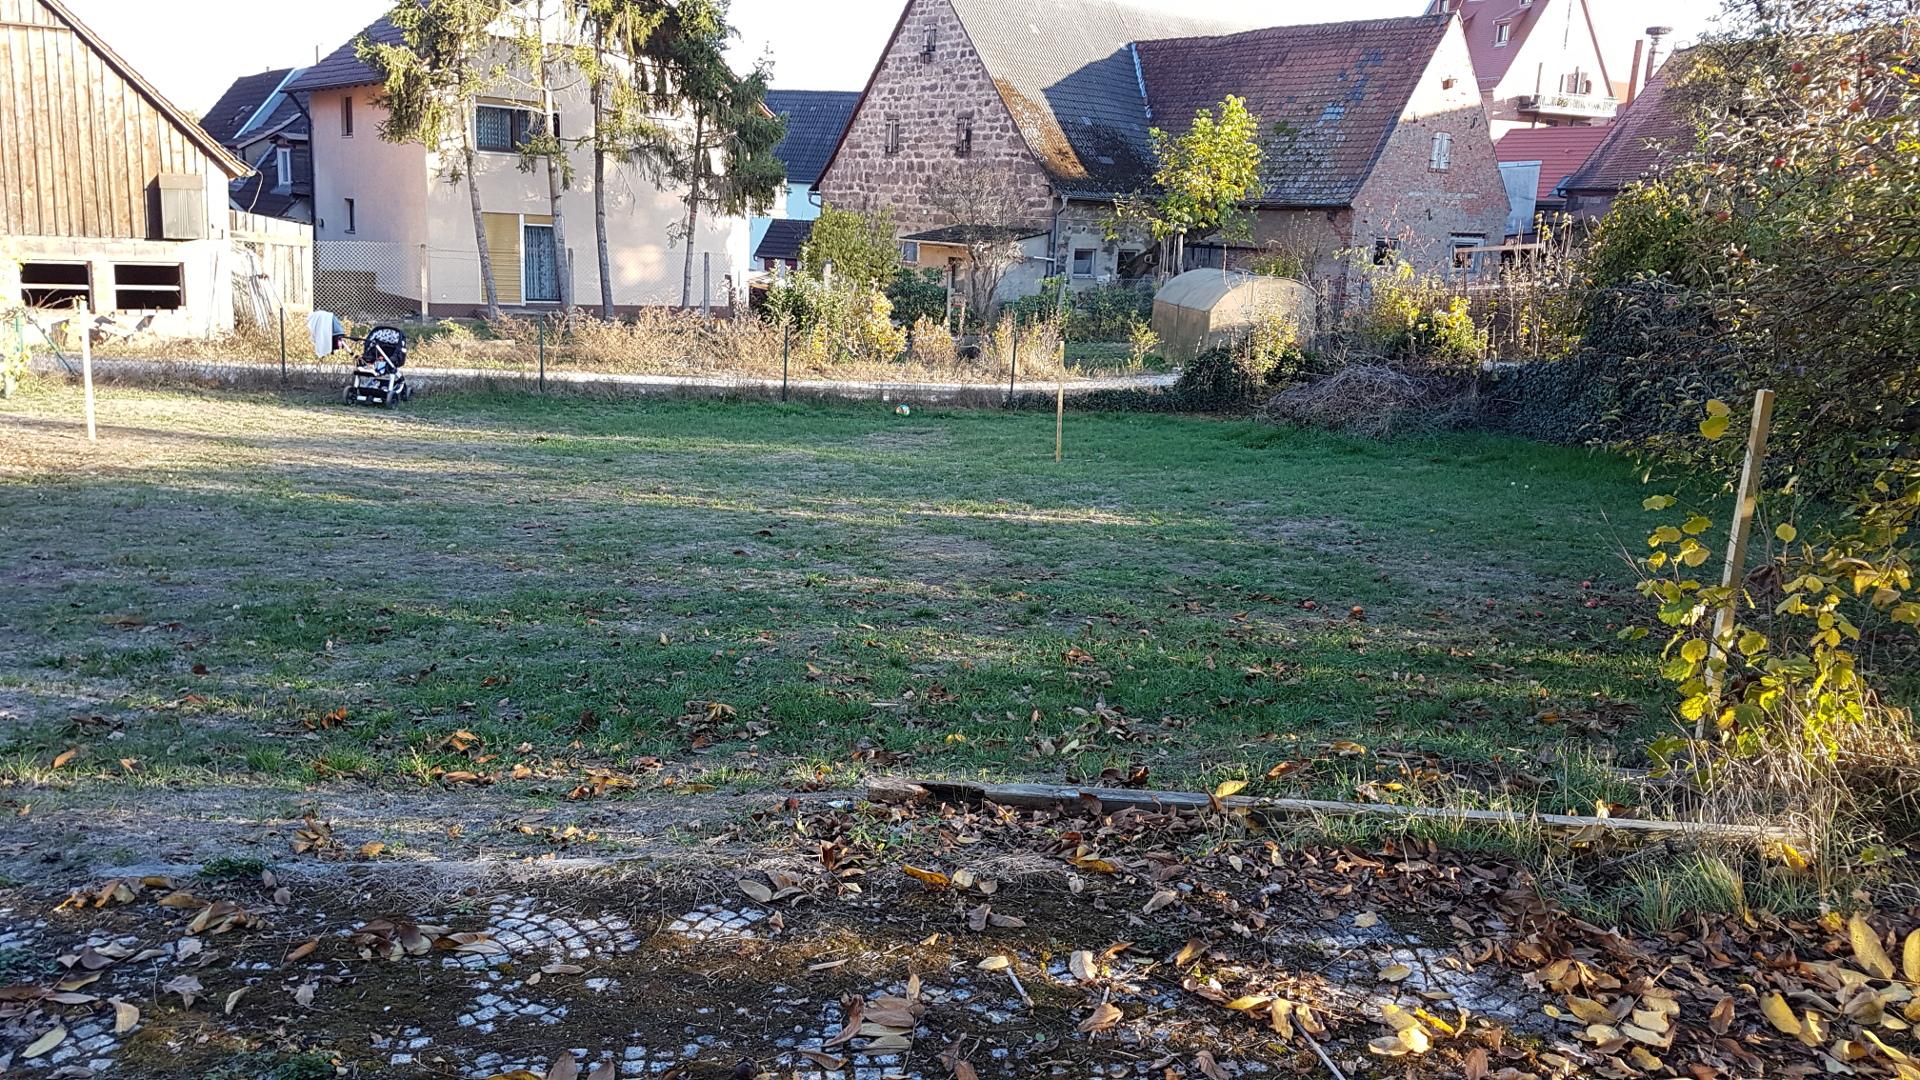 Unser Grundstück mit grob abgestecktem Haus